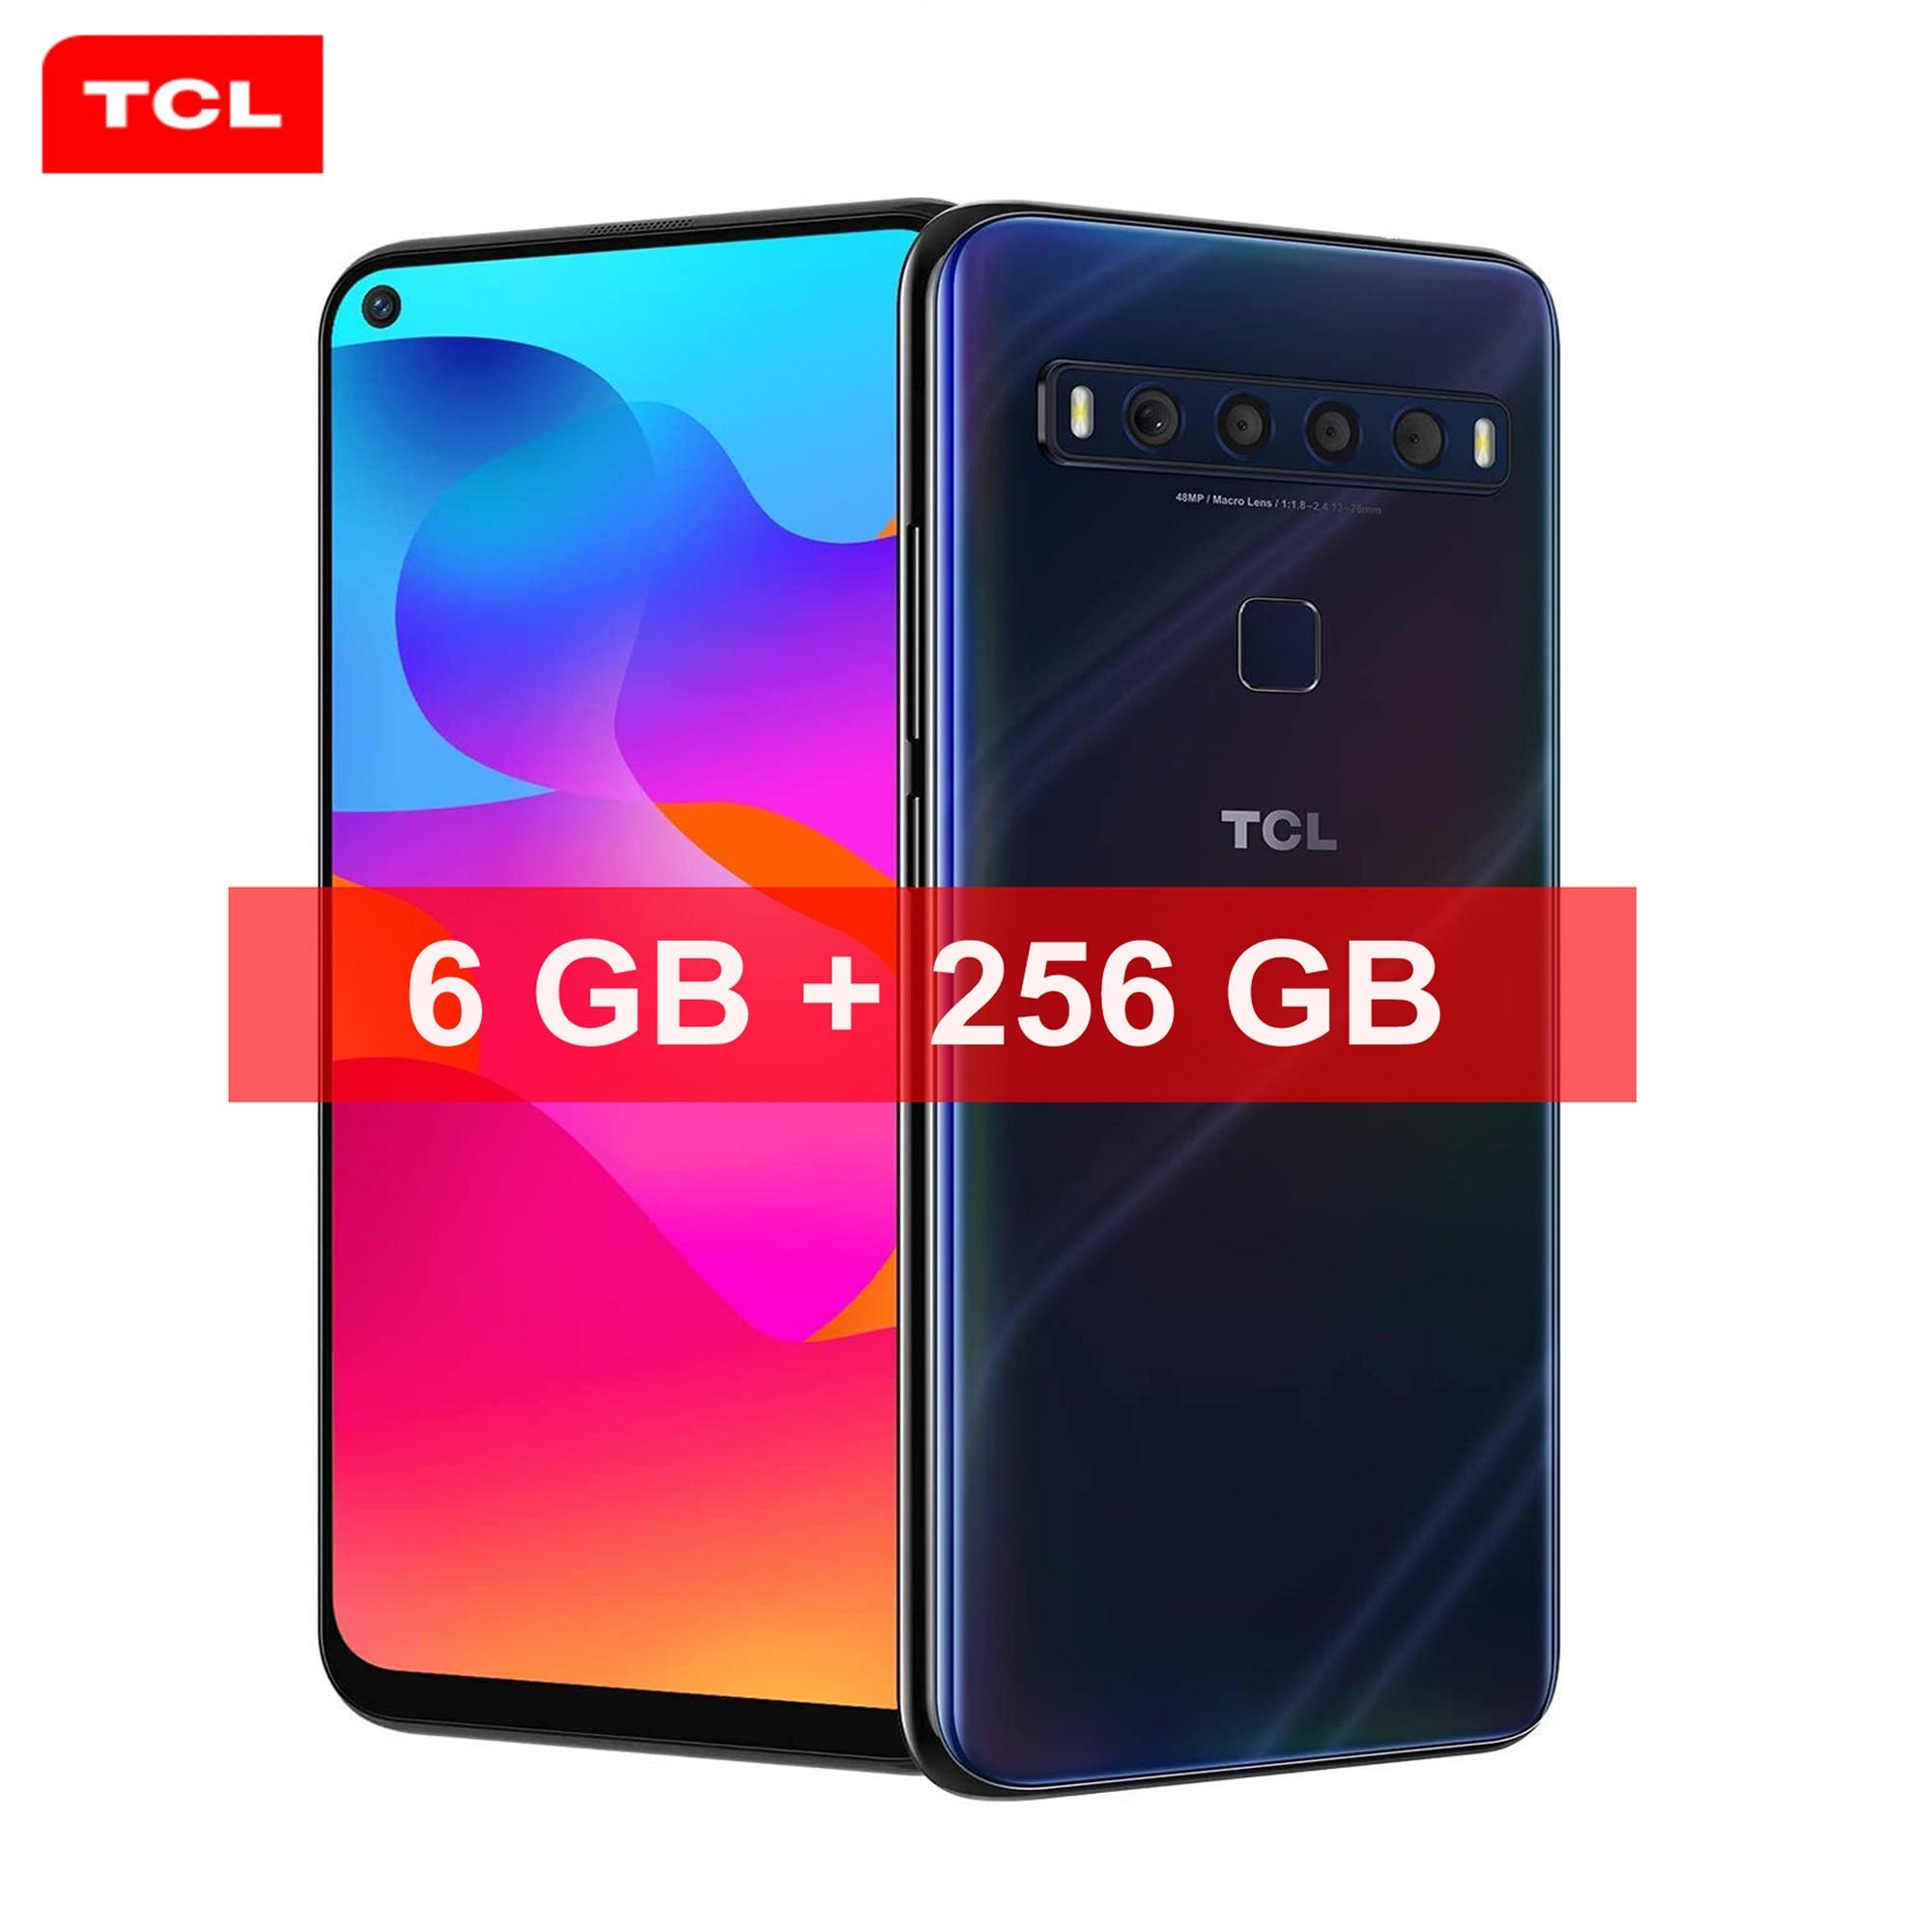 Перейти на Алиэкспресс и купить Новый смартфон TCL 10L NFC 6 ГБ 256 ГБ Snapdragon 6,53 ''NXTVISION 48 МП четыре AI-камеры аккумулятор 4000 мАч Android 11,0 игровой телефон